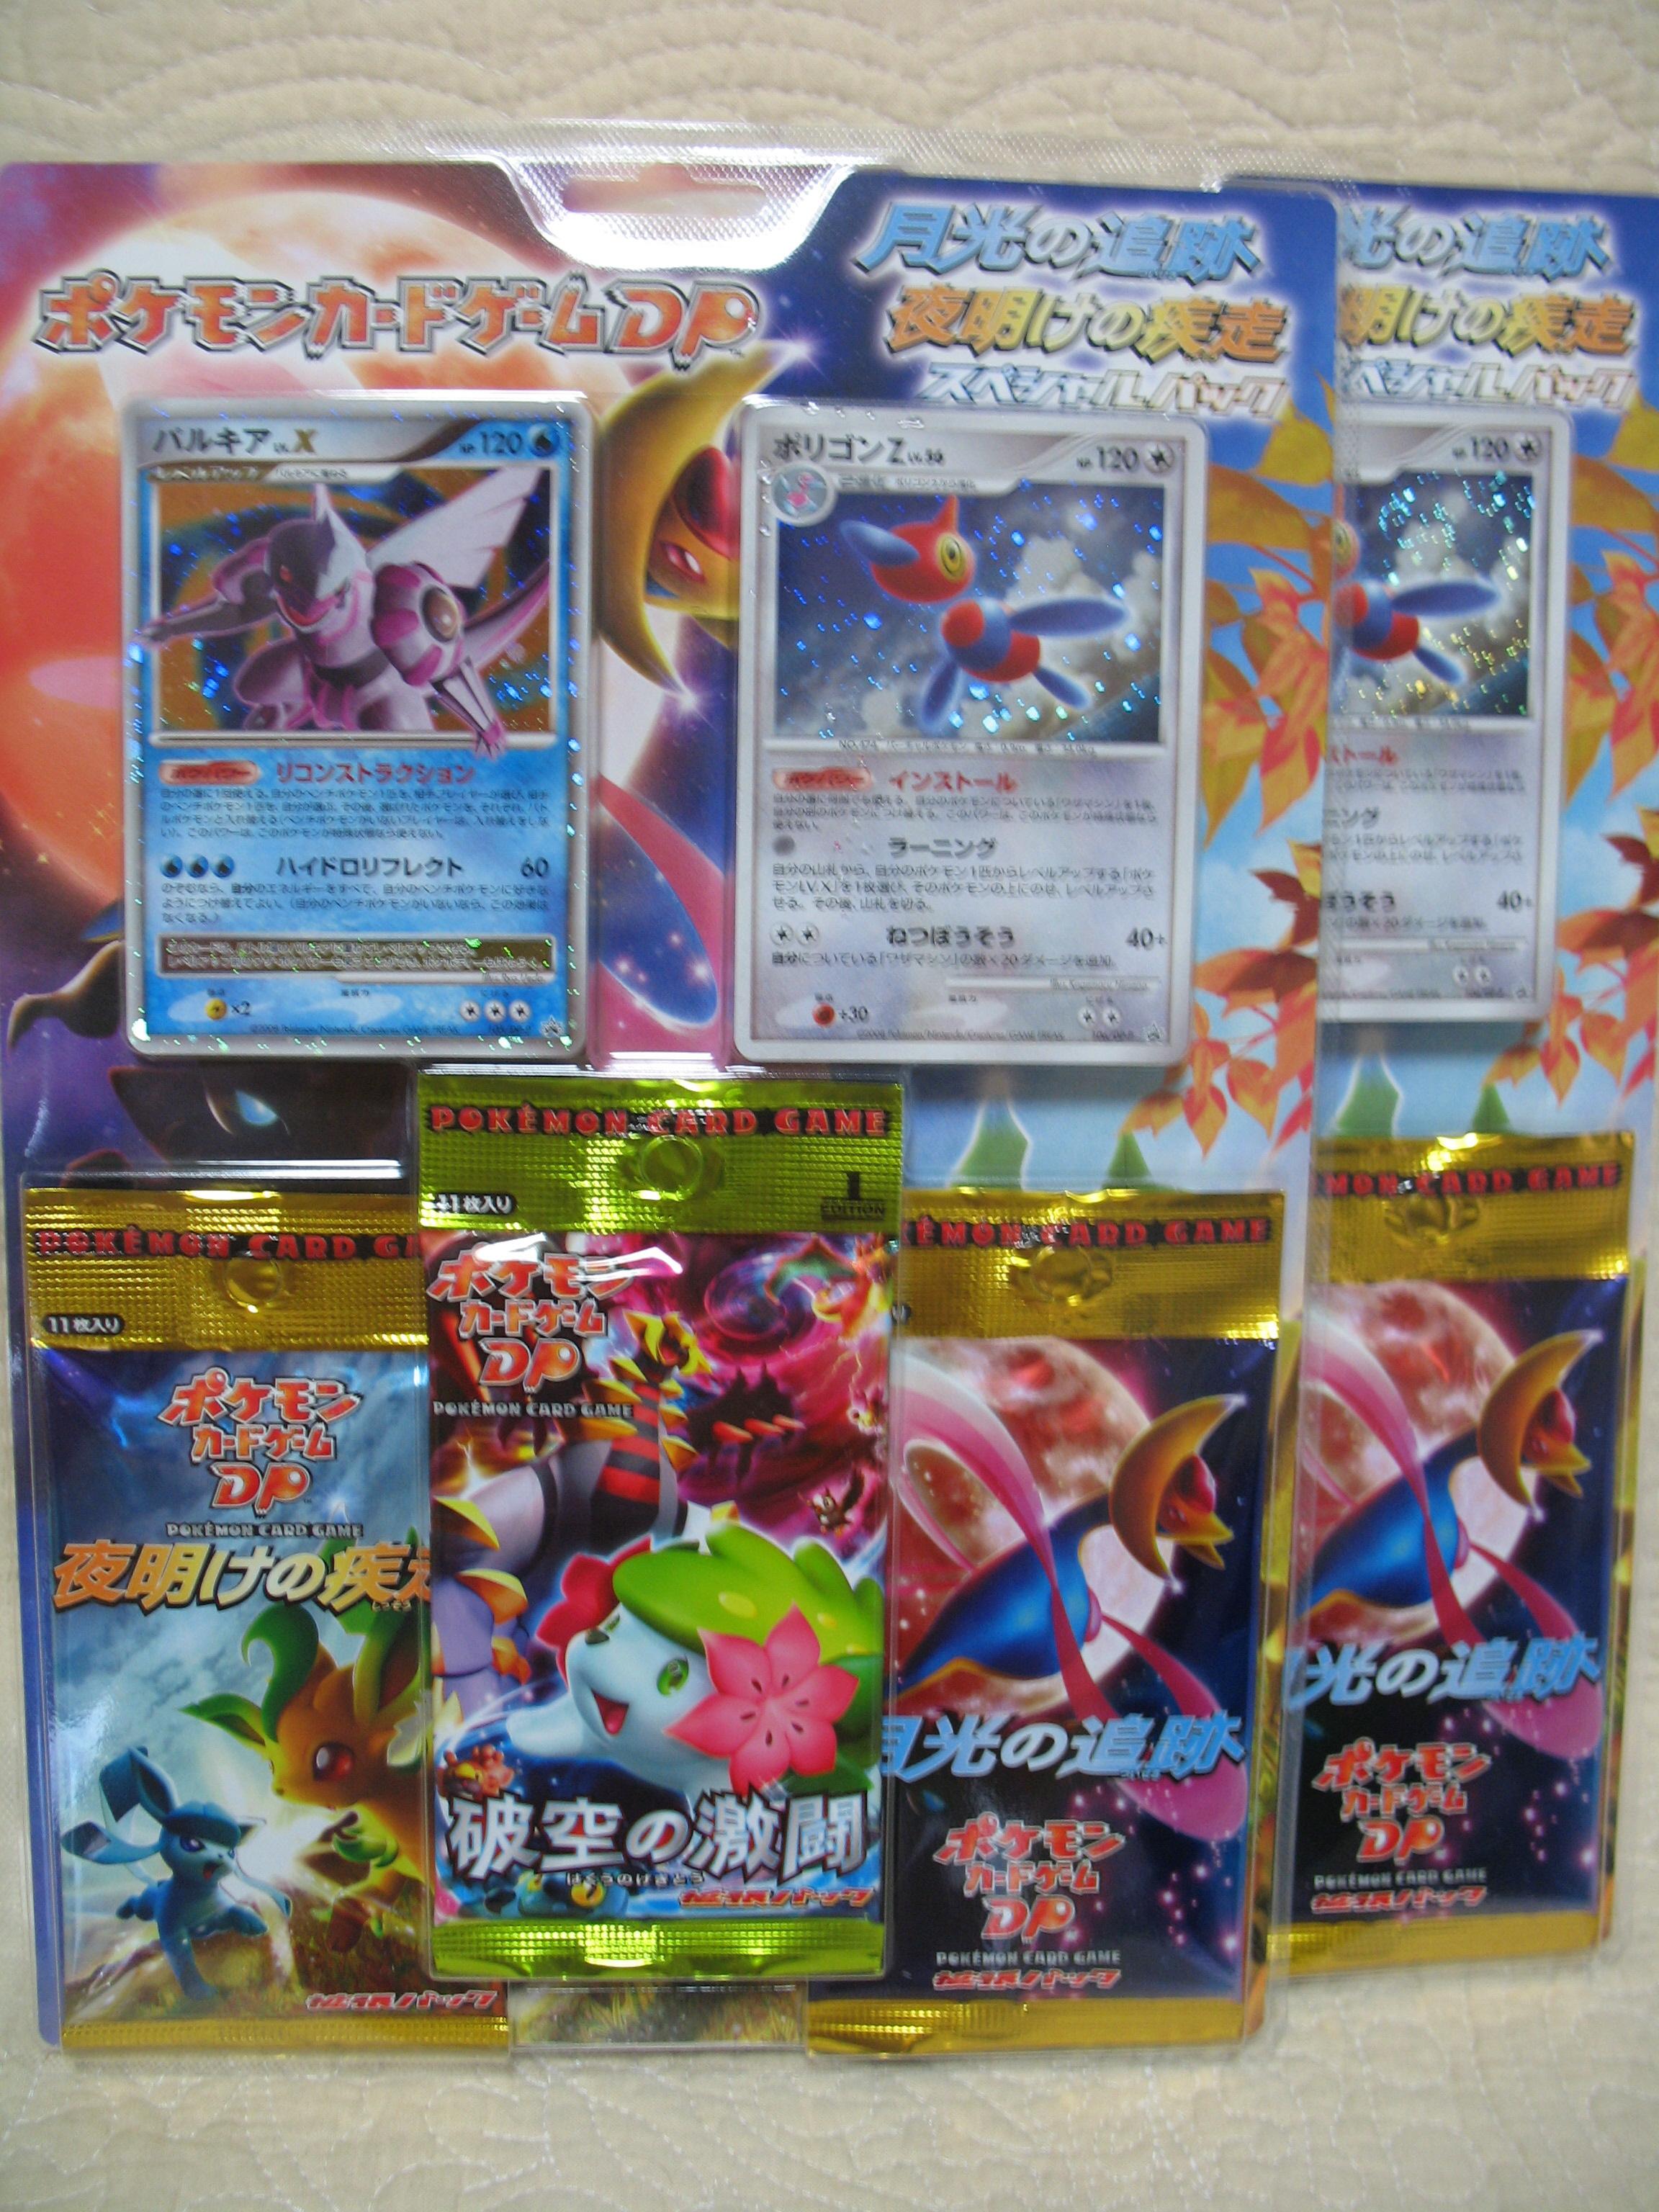 セブンイレブン ポケモンフェア2008: なすびんちゃ~通信